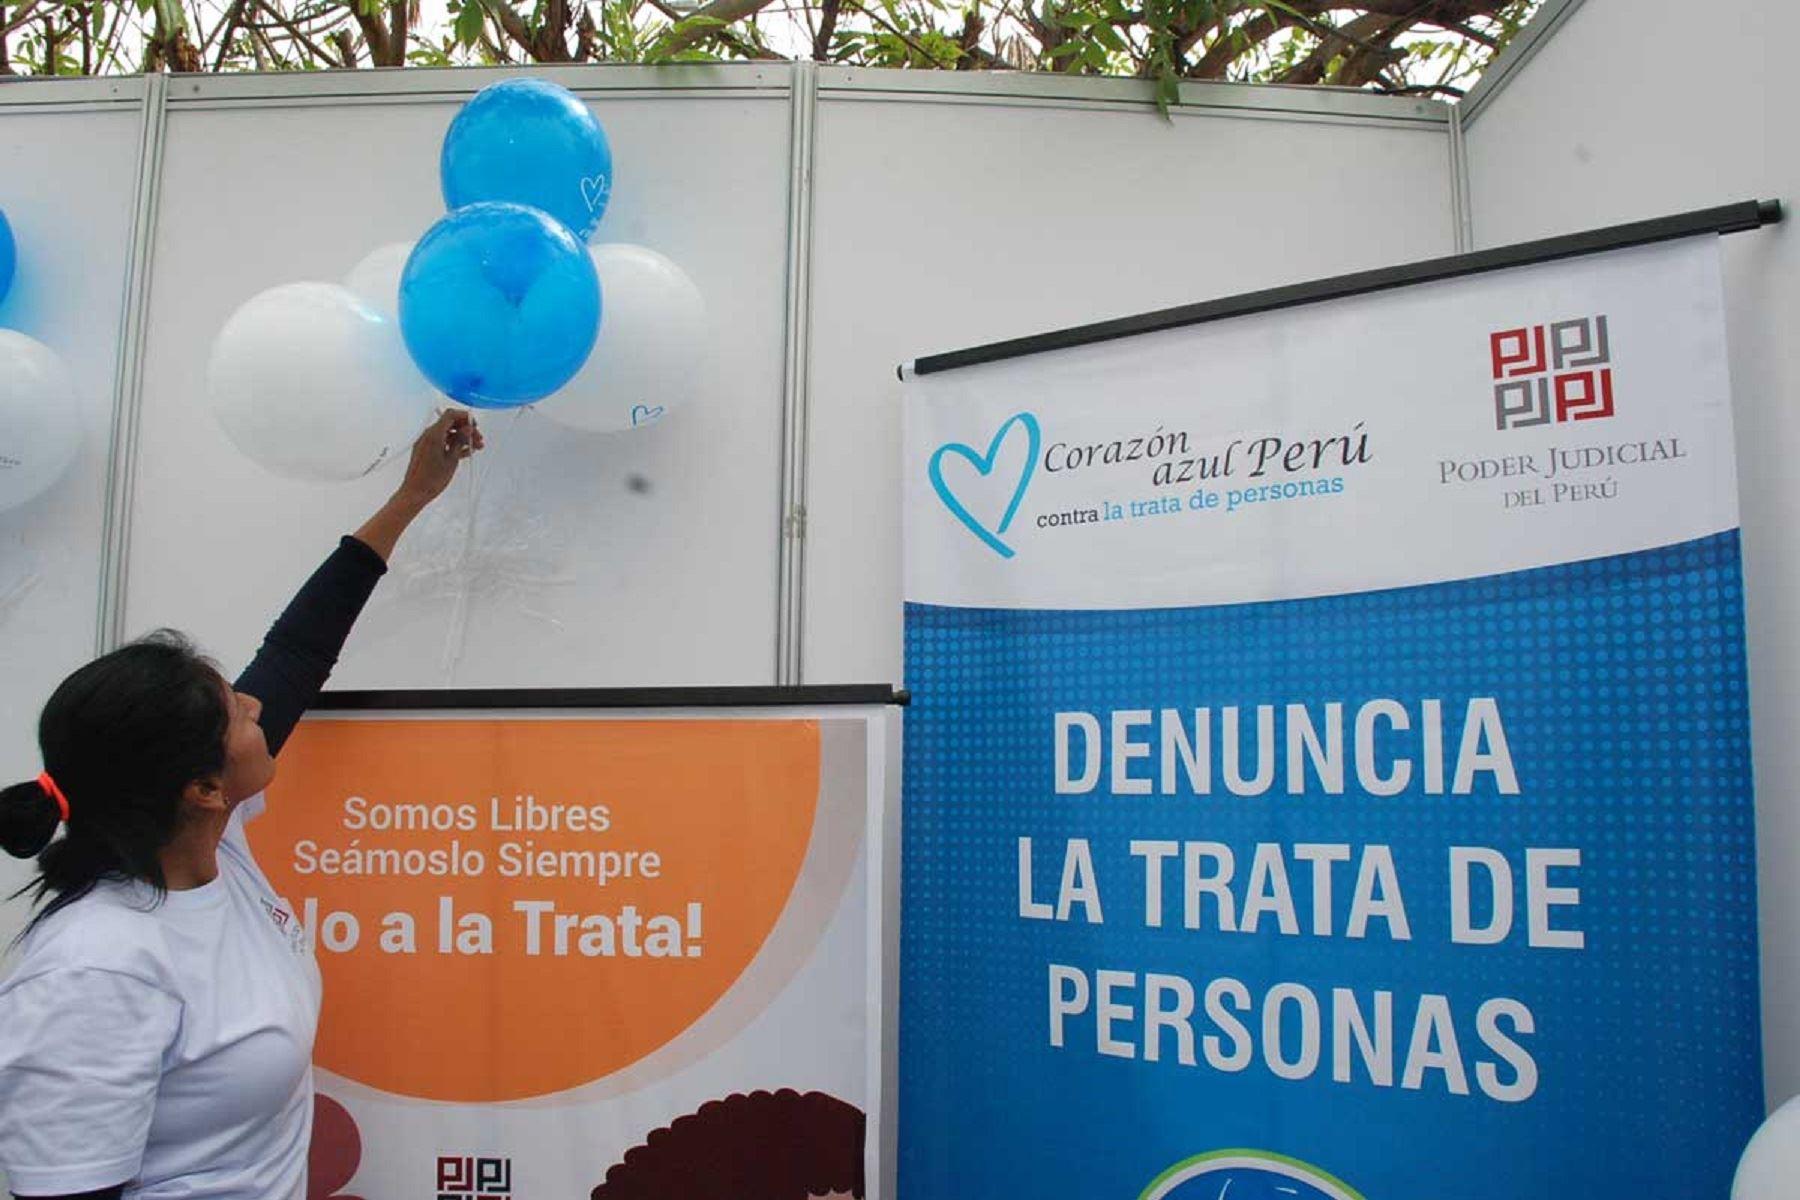 Campaña contra la trata de personas. Foto: Difusión.